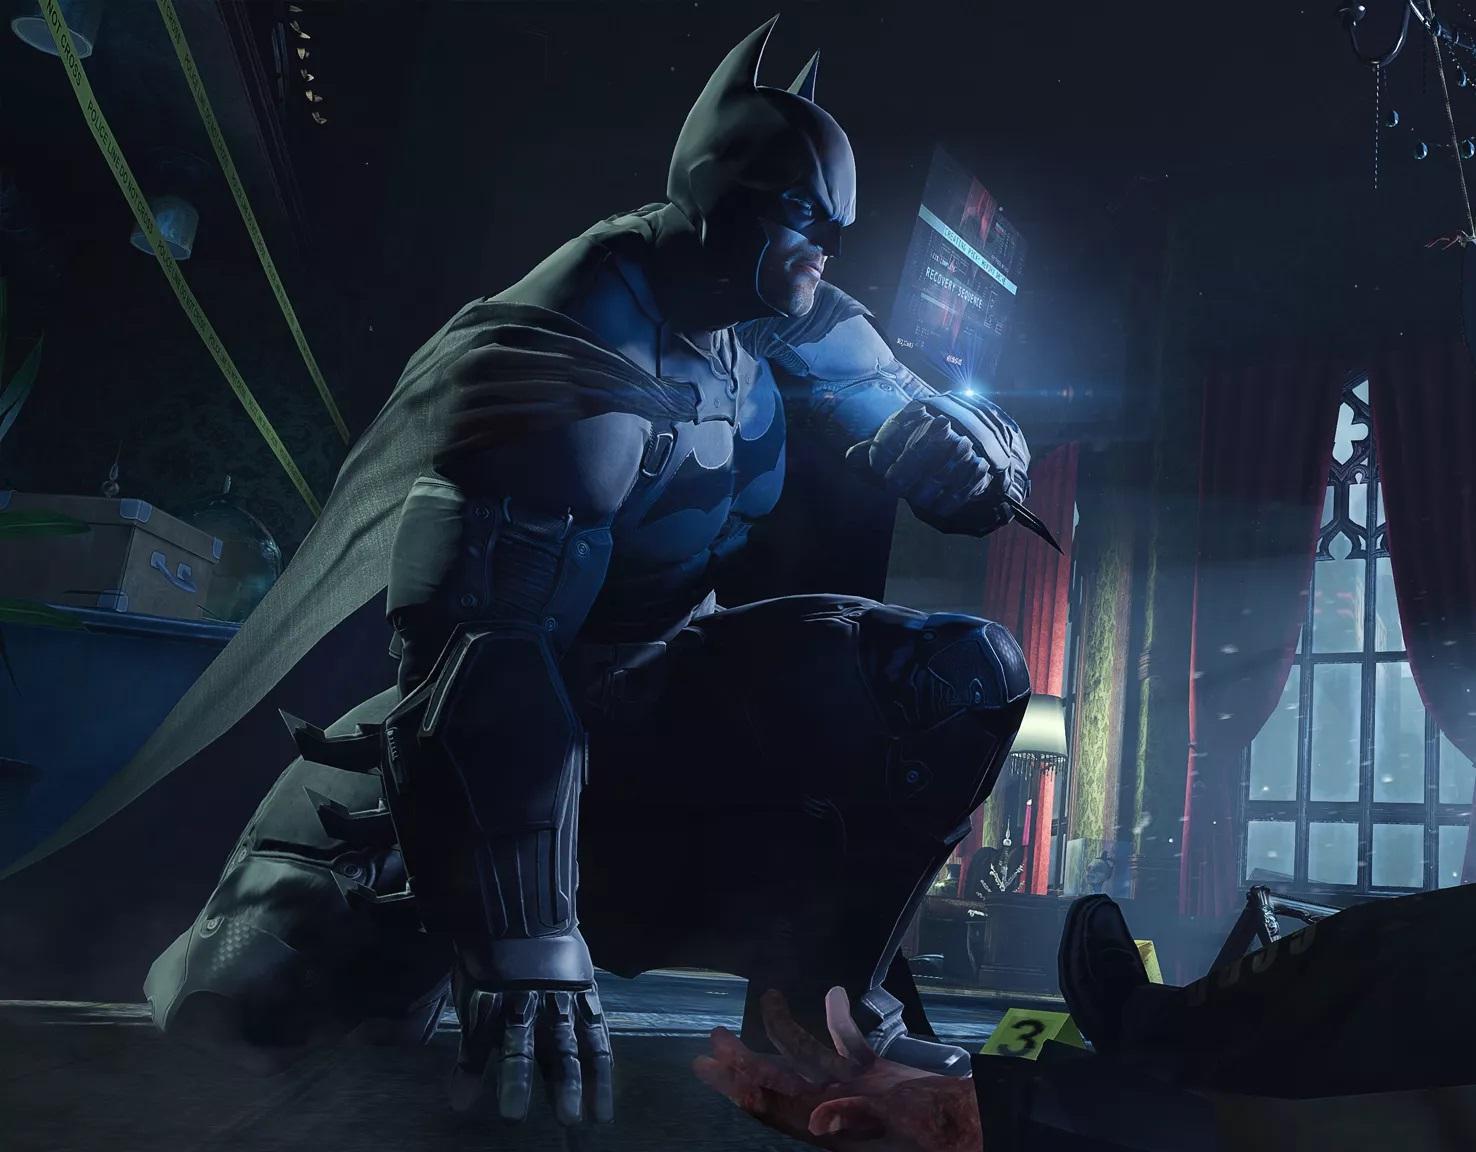 В новой игре про Бэтмена будет несколько игровых персонажей — о чем рассказал инсайдер